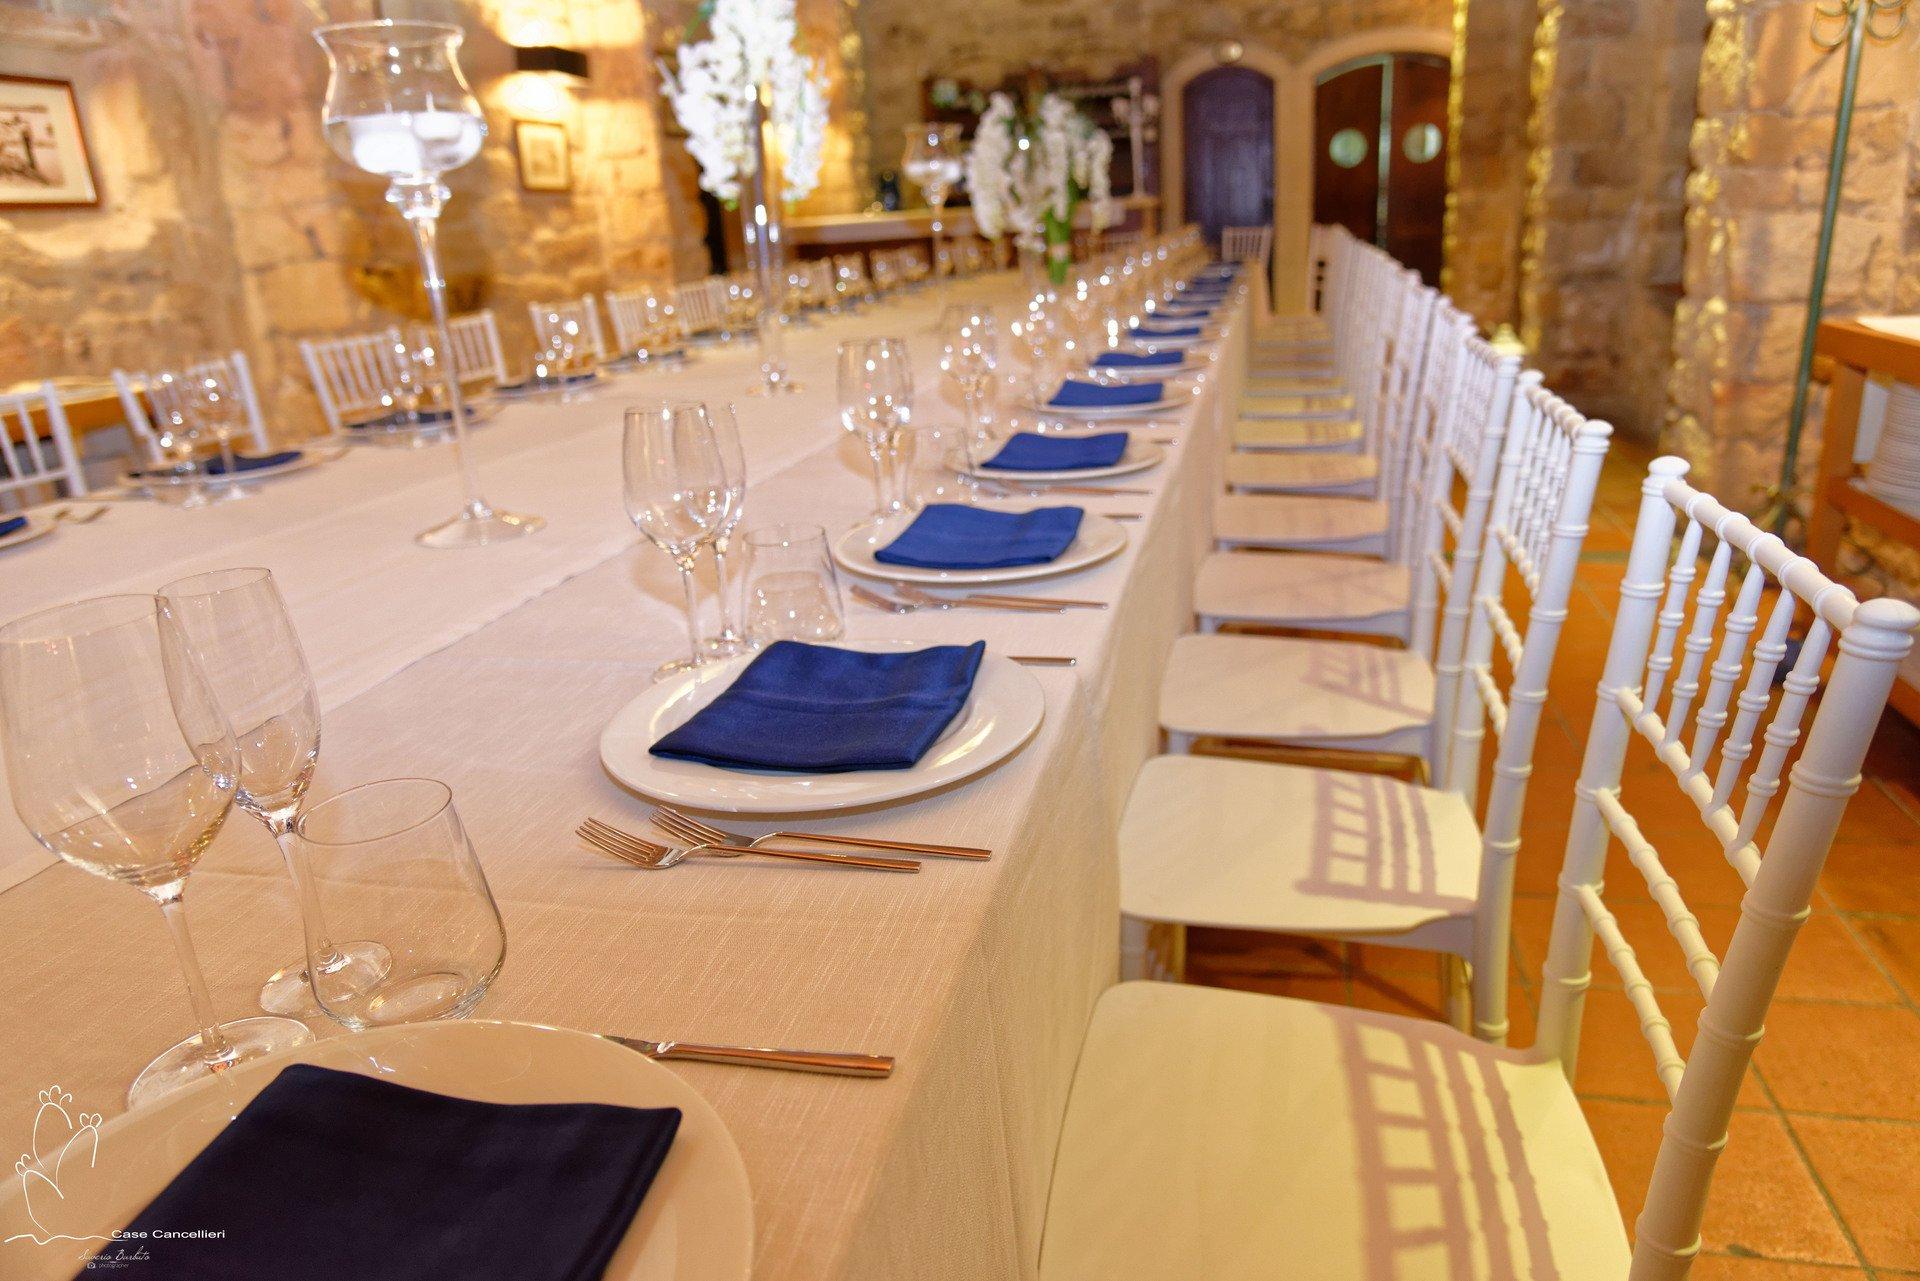 Grande tavolata apparecchiata con tovaglioli blu